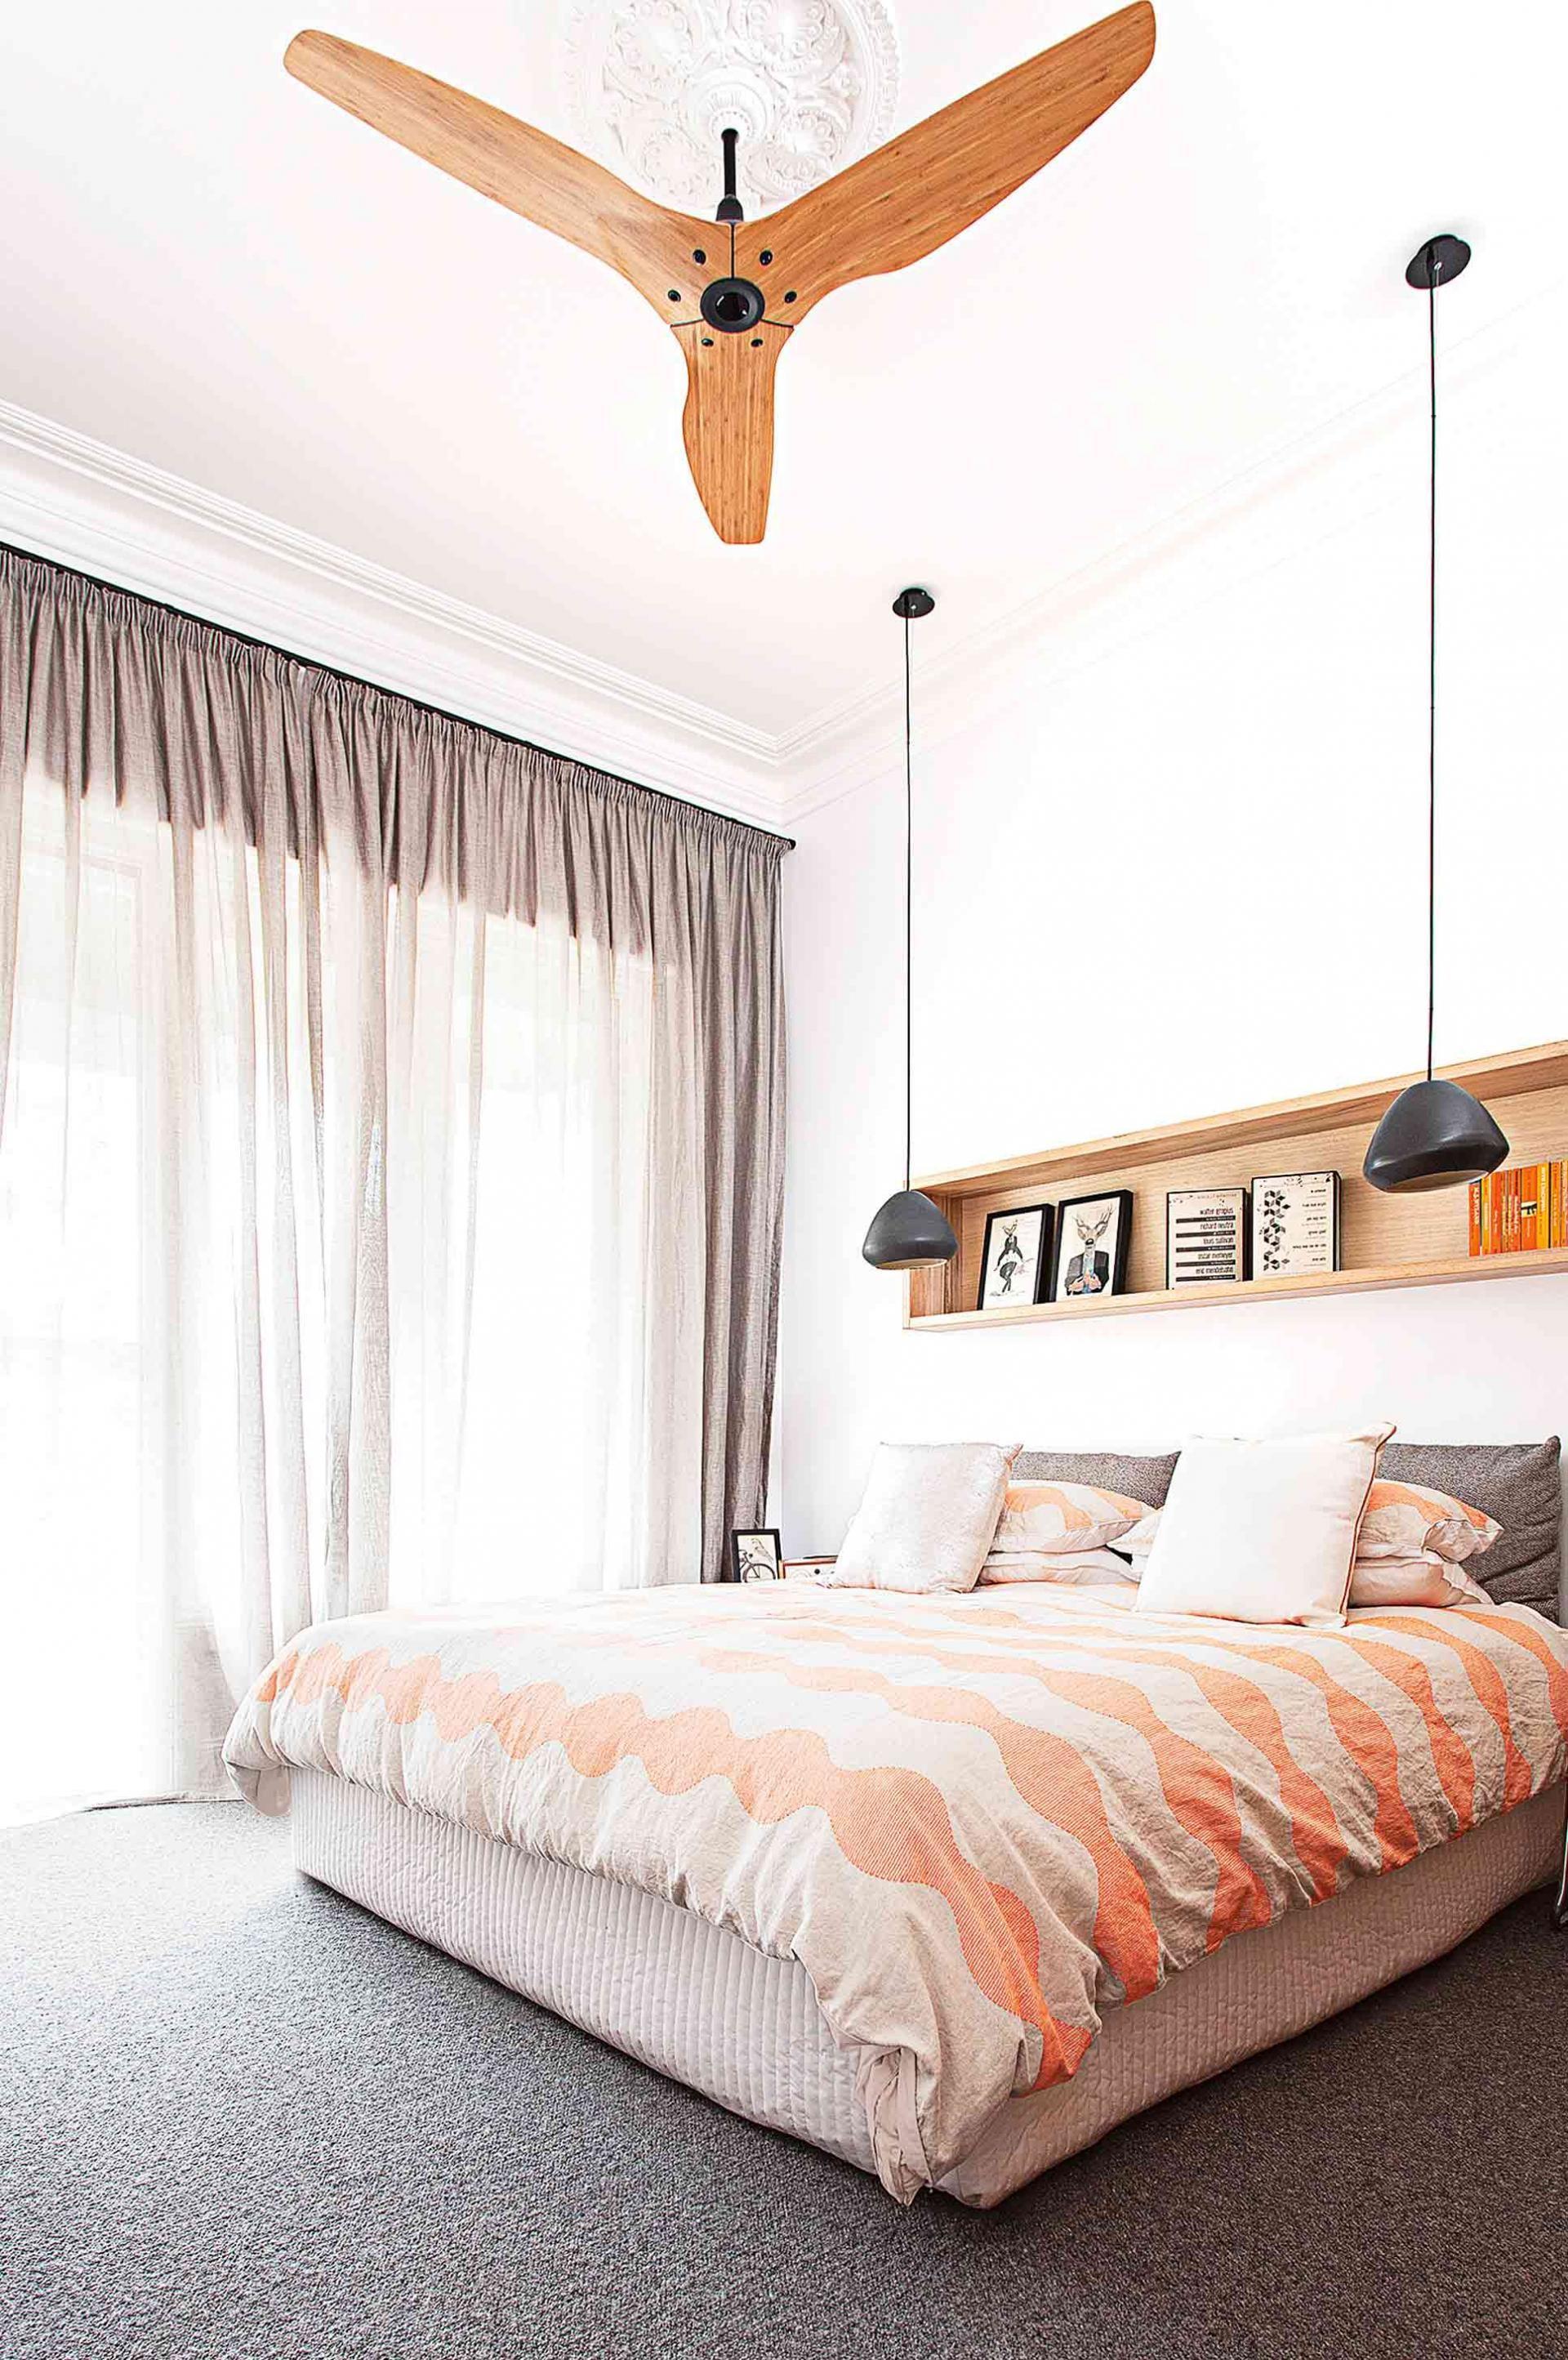 Jan15 window treatments modern bedroom sheer curtains ceiling fan